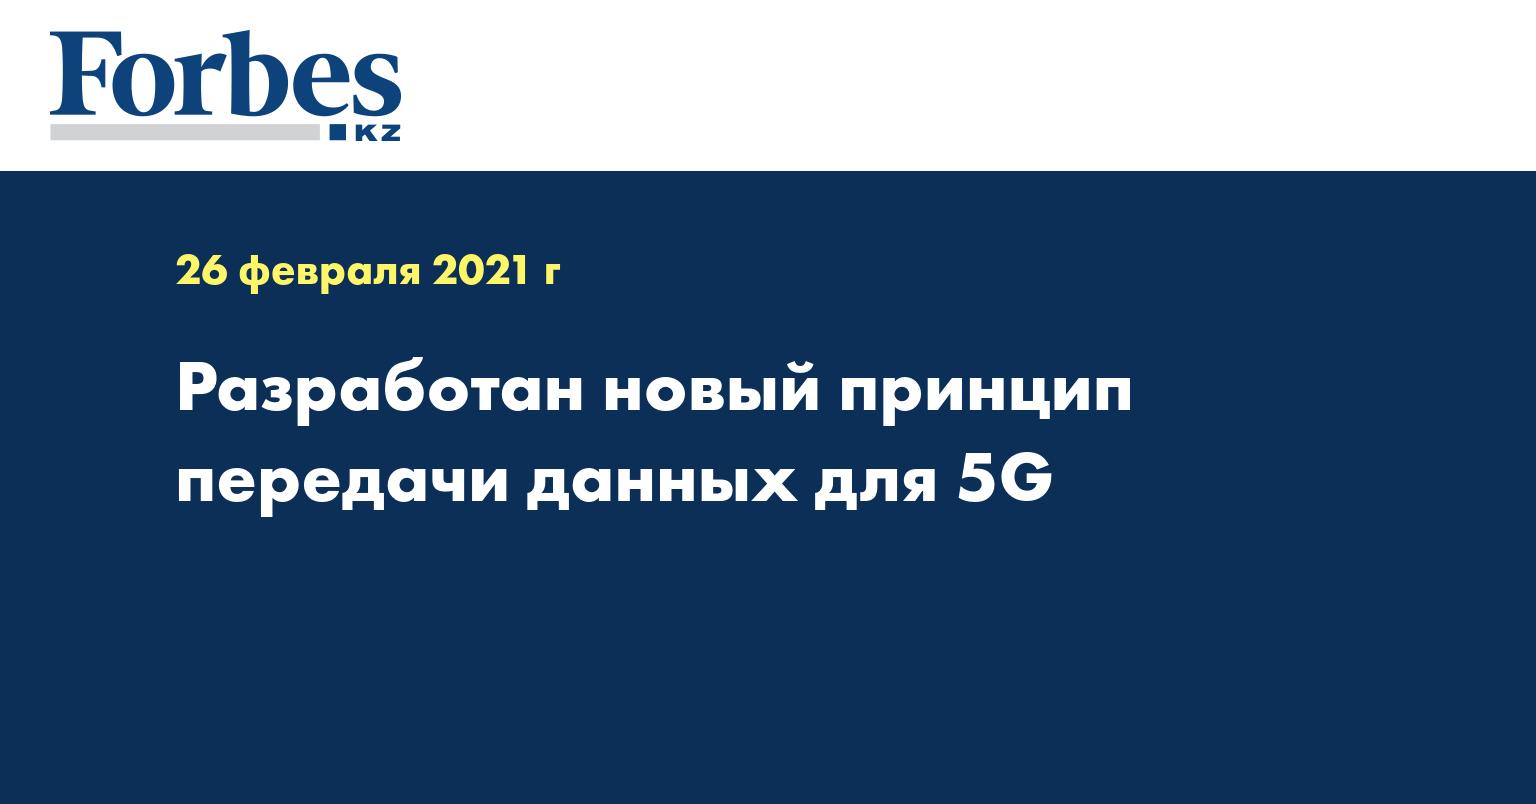 Разработан новый принцип передачи данных для 5G